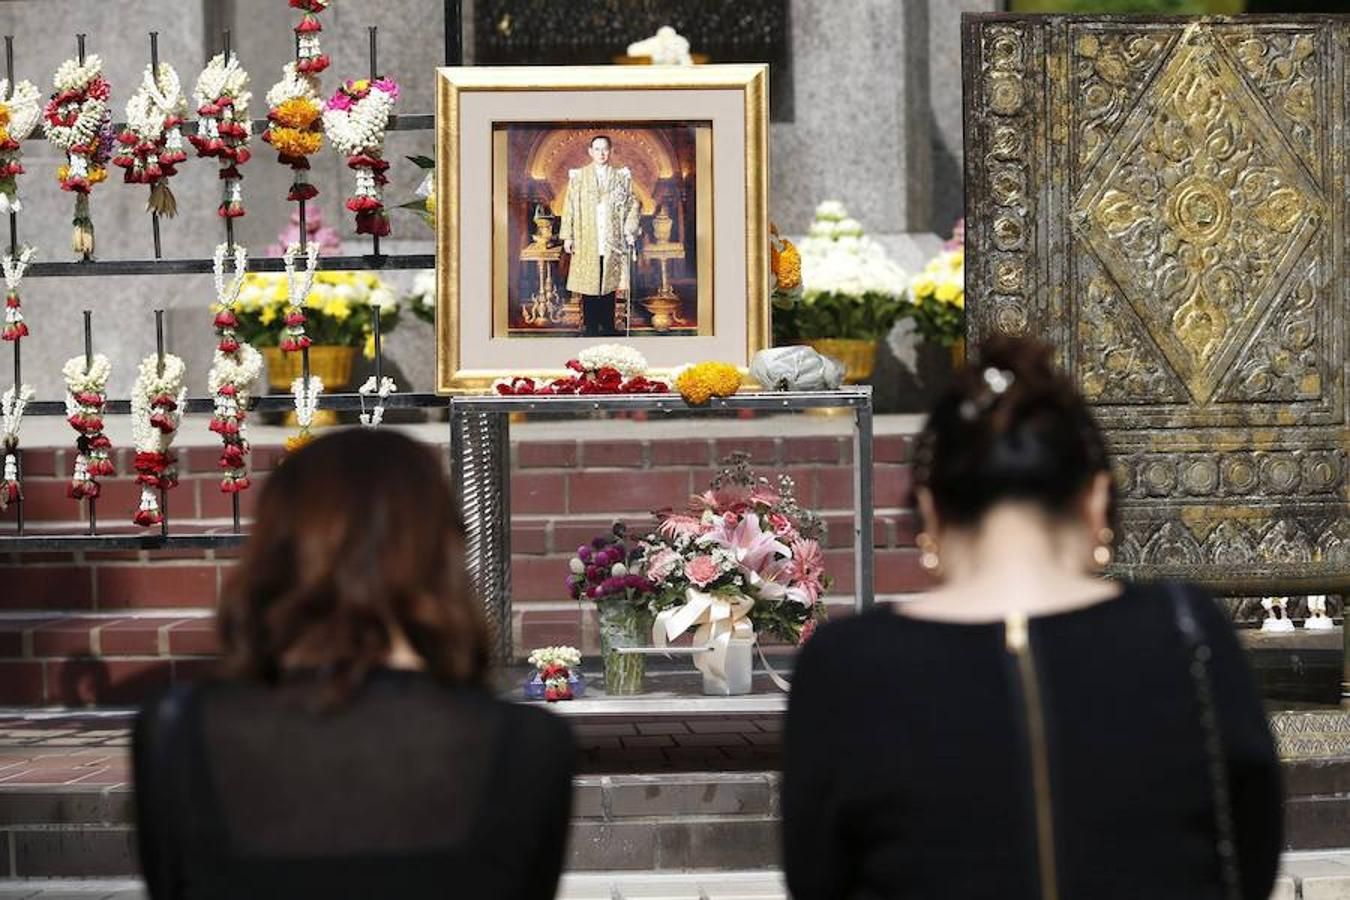 Tailandeses muestran su respeto mientras esperan el inicio del cortejo fúnebre del Rey Bhumibol Adulyadej